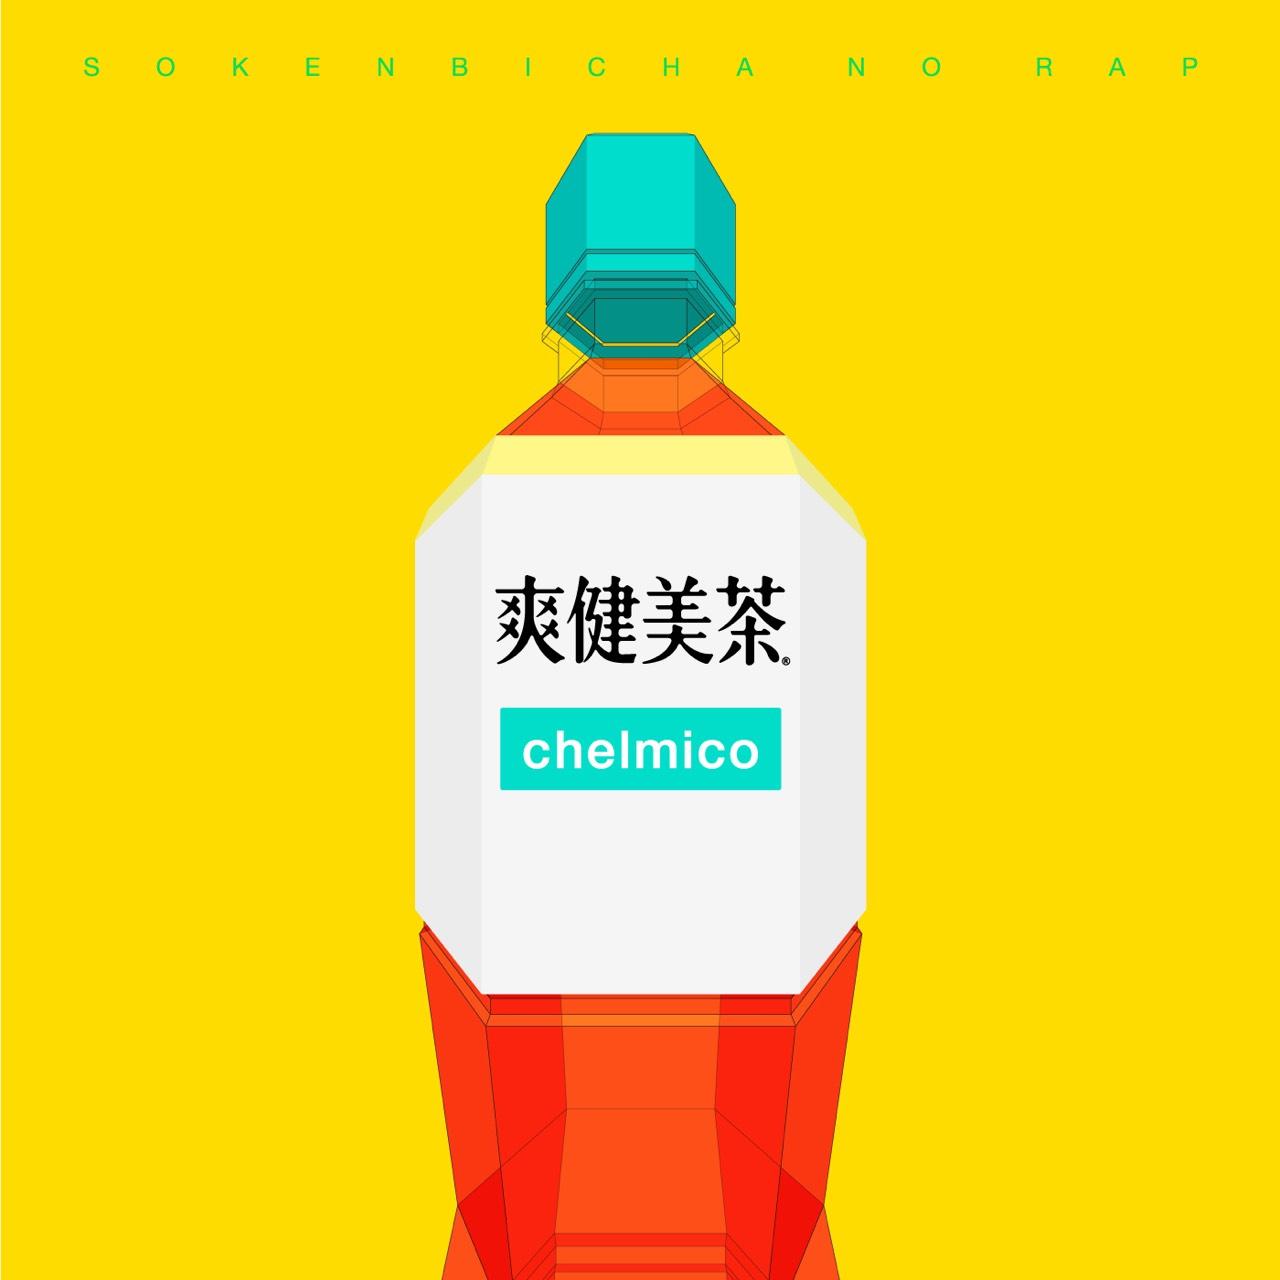 「爽健美茶のラップ」ダウンロード&ストリーミング配信スタート!